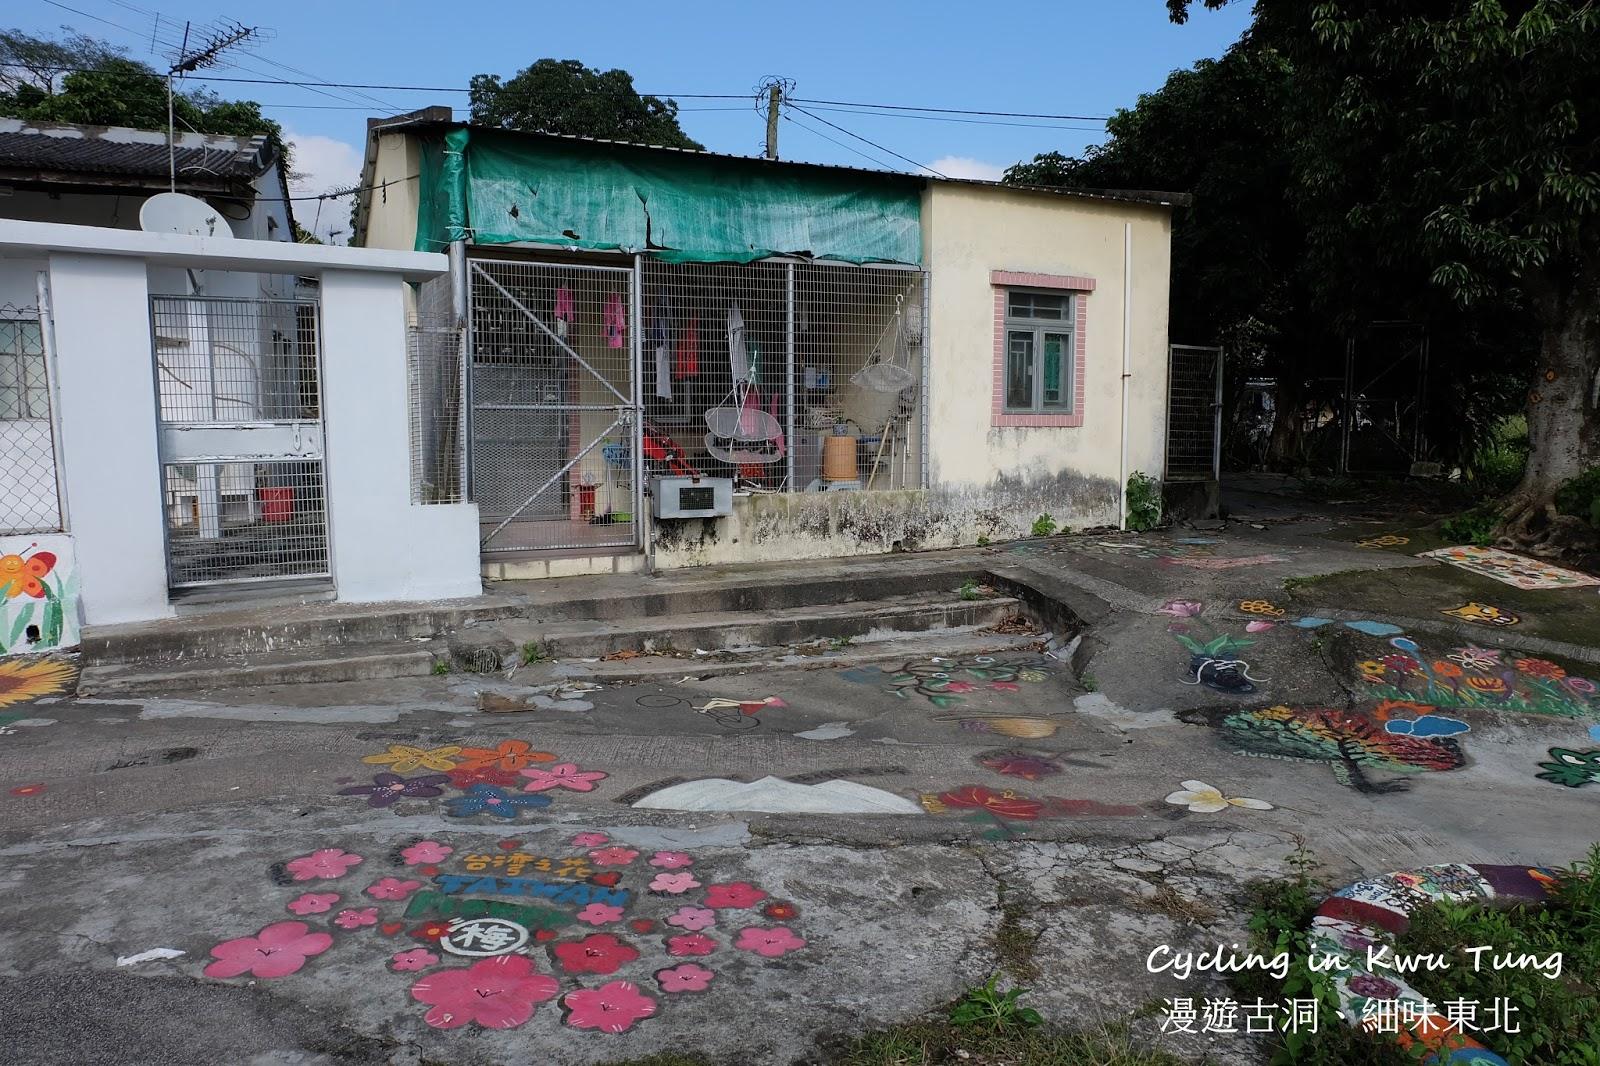 漫遊古洞,細味東北: 坪洋壁畫村 屬於香港的彩虹眷村